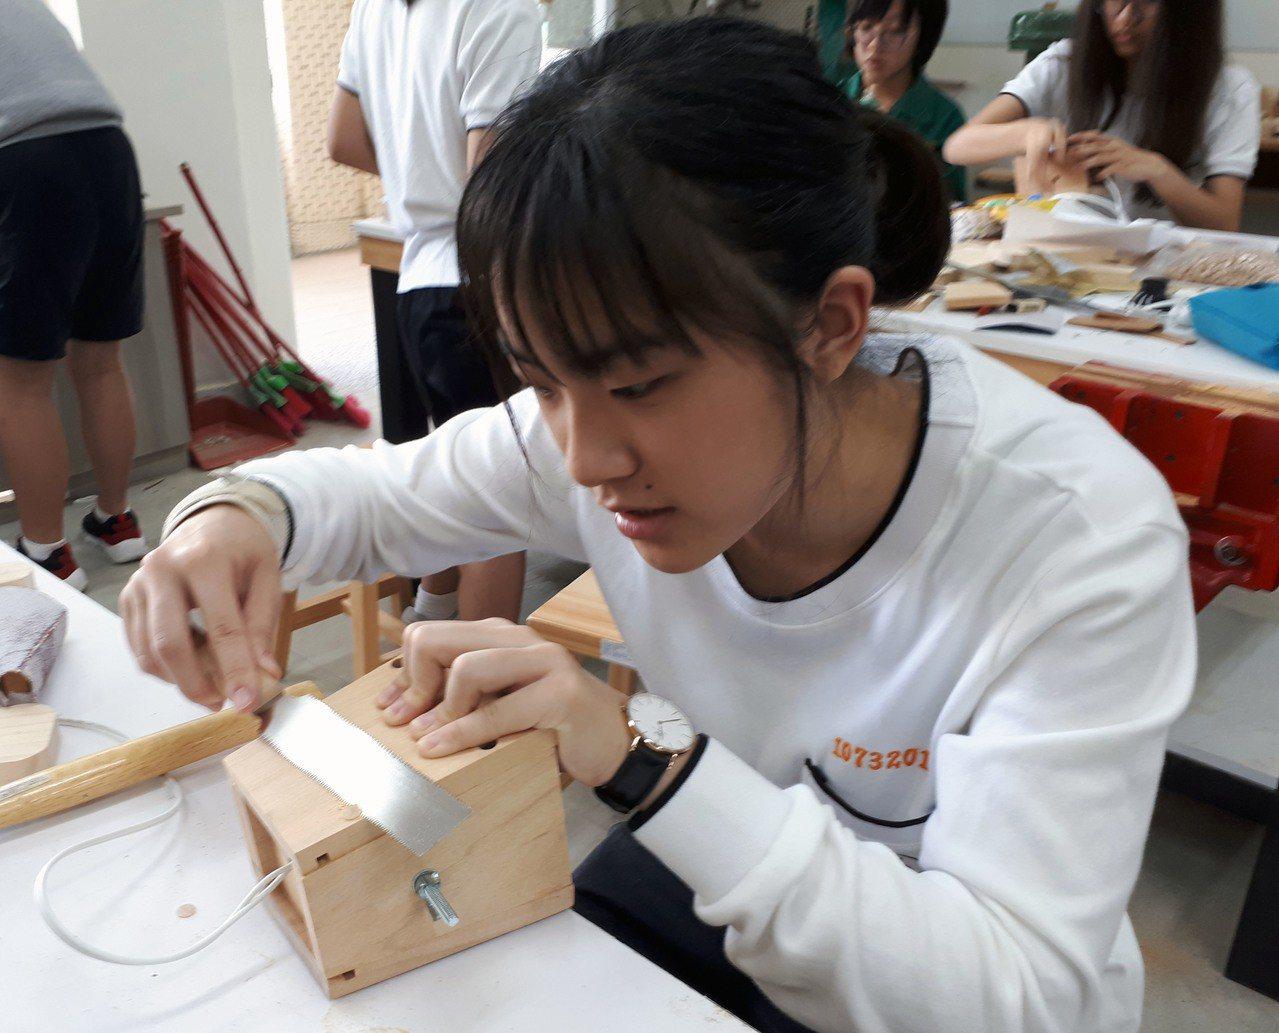 北一女木工課很受歡迎,學生上課很療癒,開放選課後秒殺。圖/北一女提供